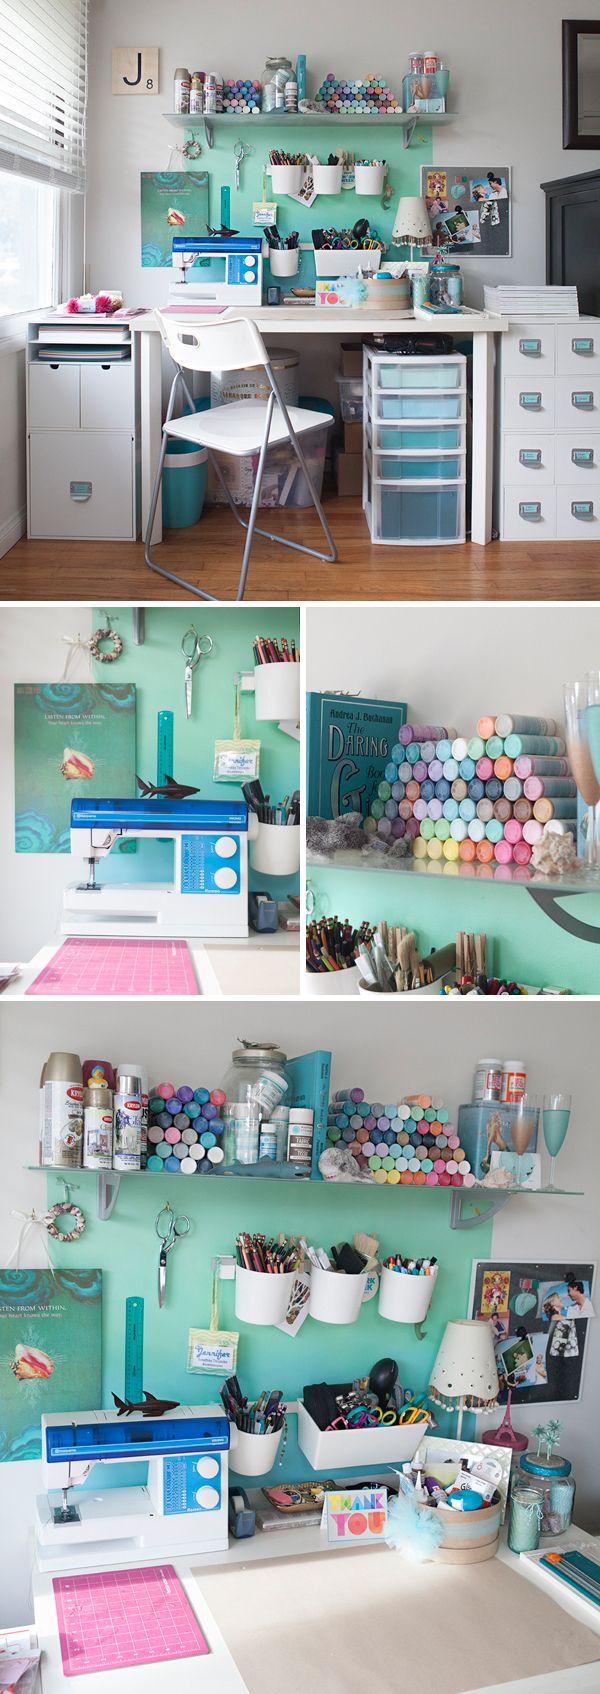 Die besten 25 trkis Mdchen Schlafzimmer Ideen auf Pinterest  Trkis Mdchenzimmer blaue